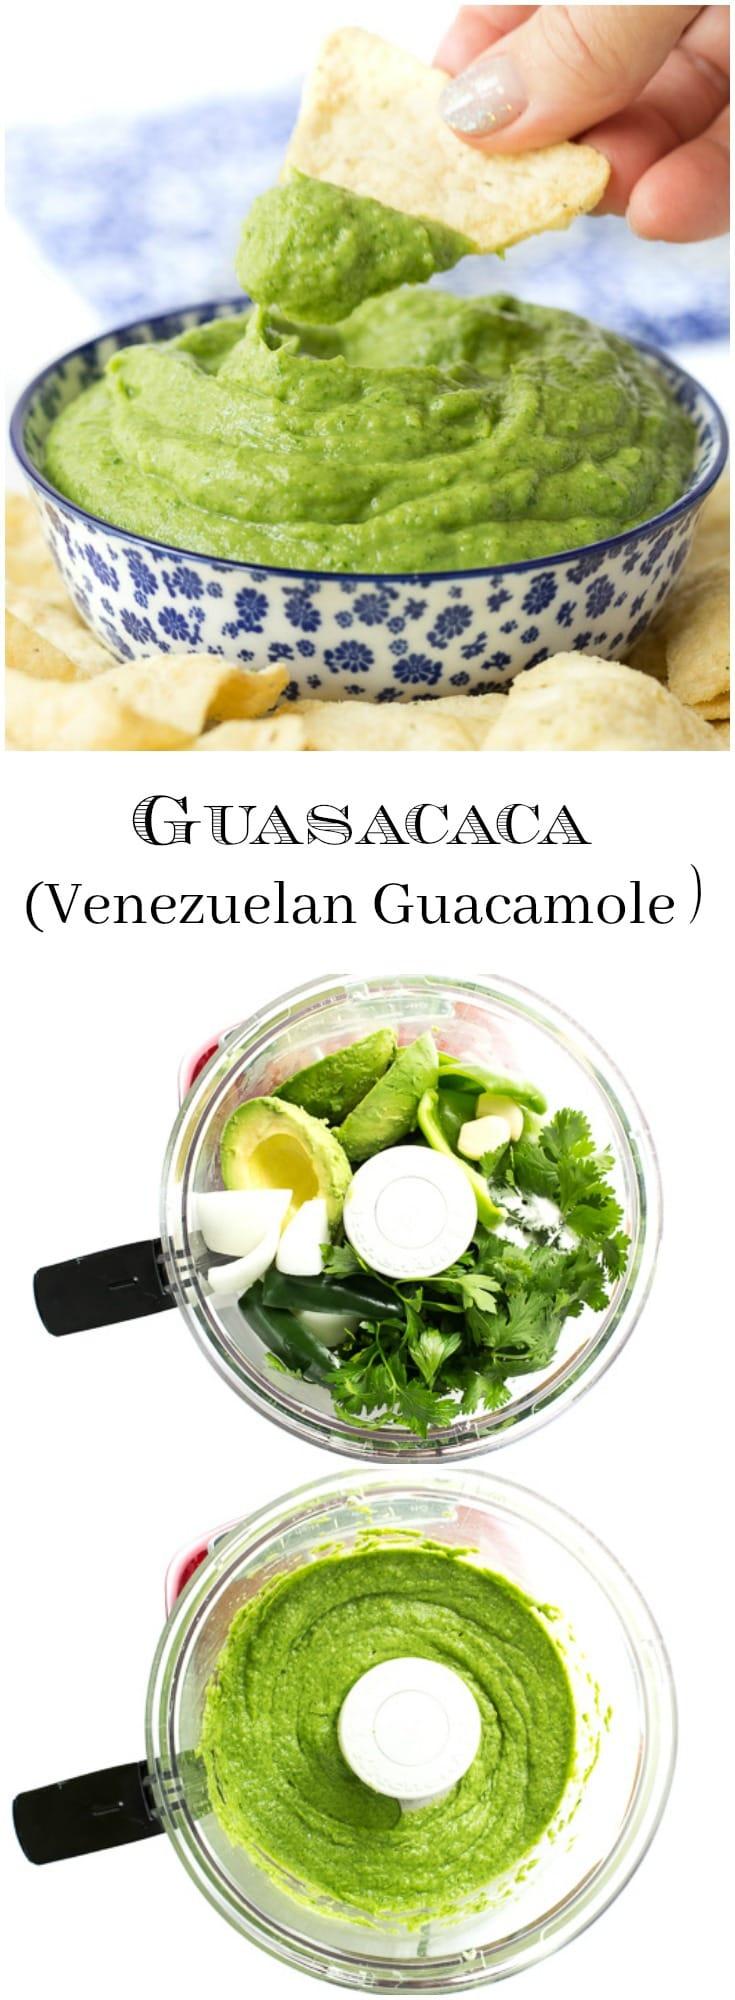 Guasacaca isVenezuela's unique version of guacamole. It's easy to make, vibrant, fresh and bursting with delicious flavor!